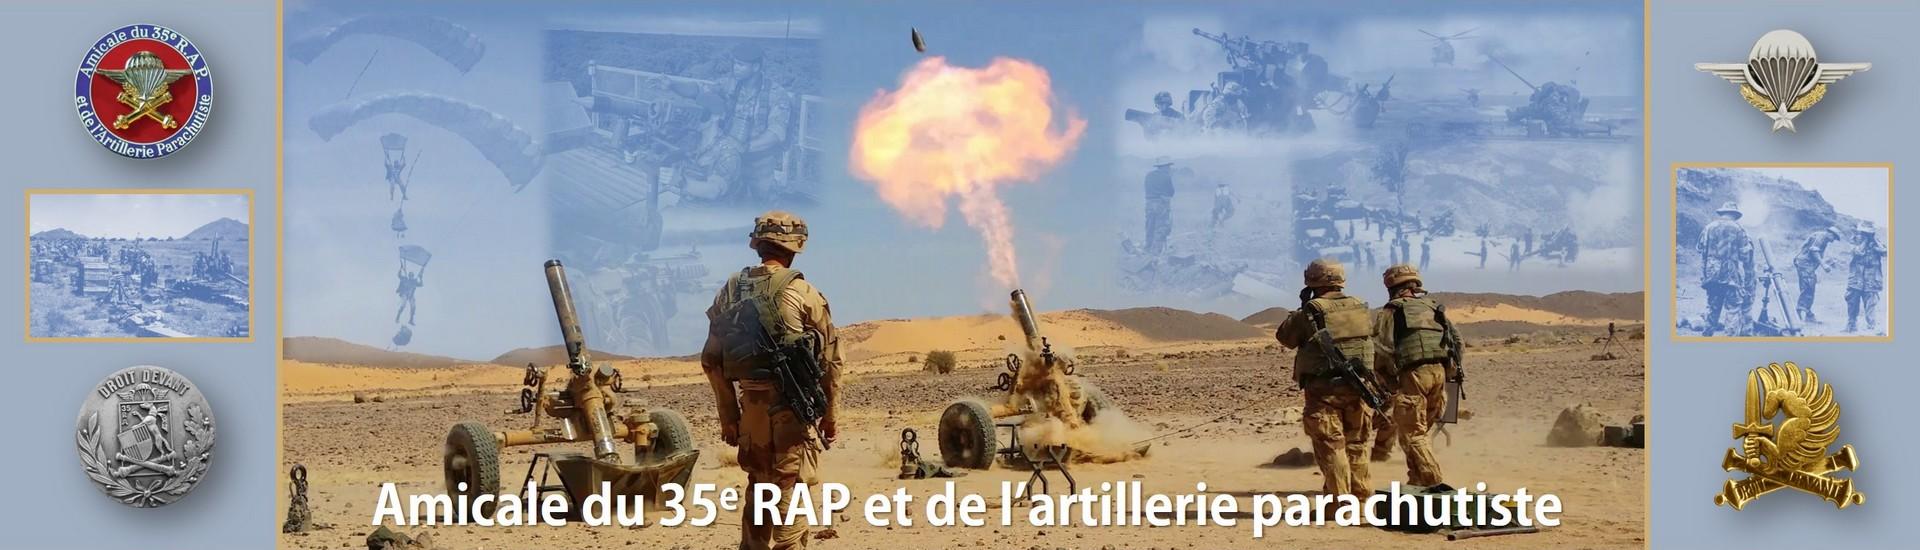 Amicale du 35e RAP et de l'artillerie parachutiste